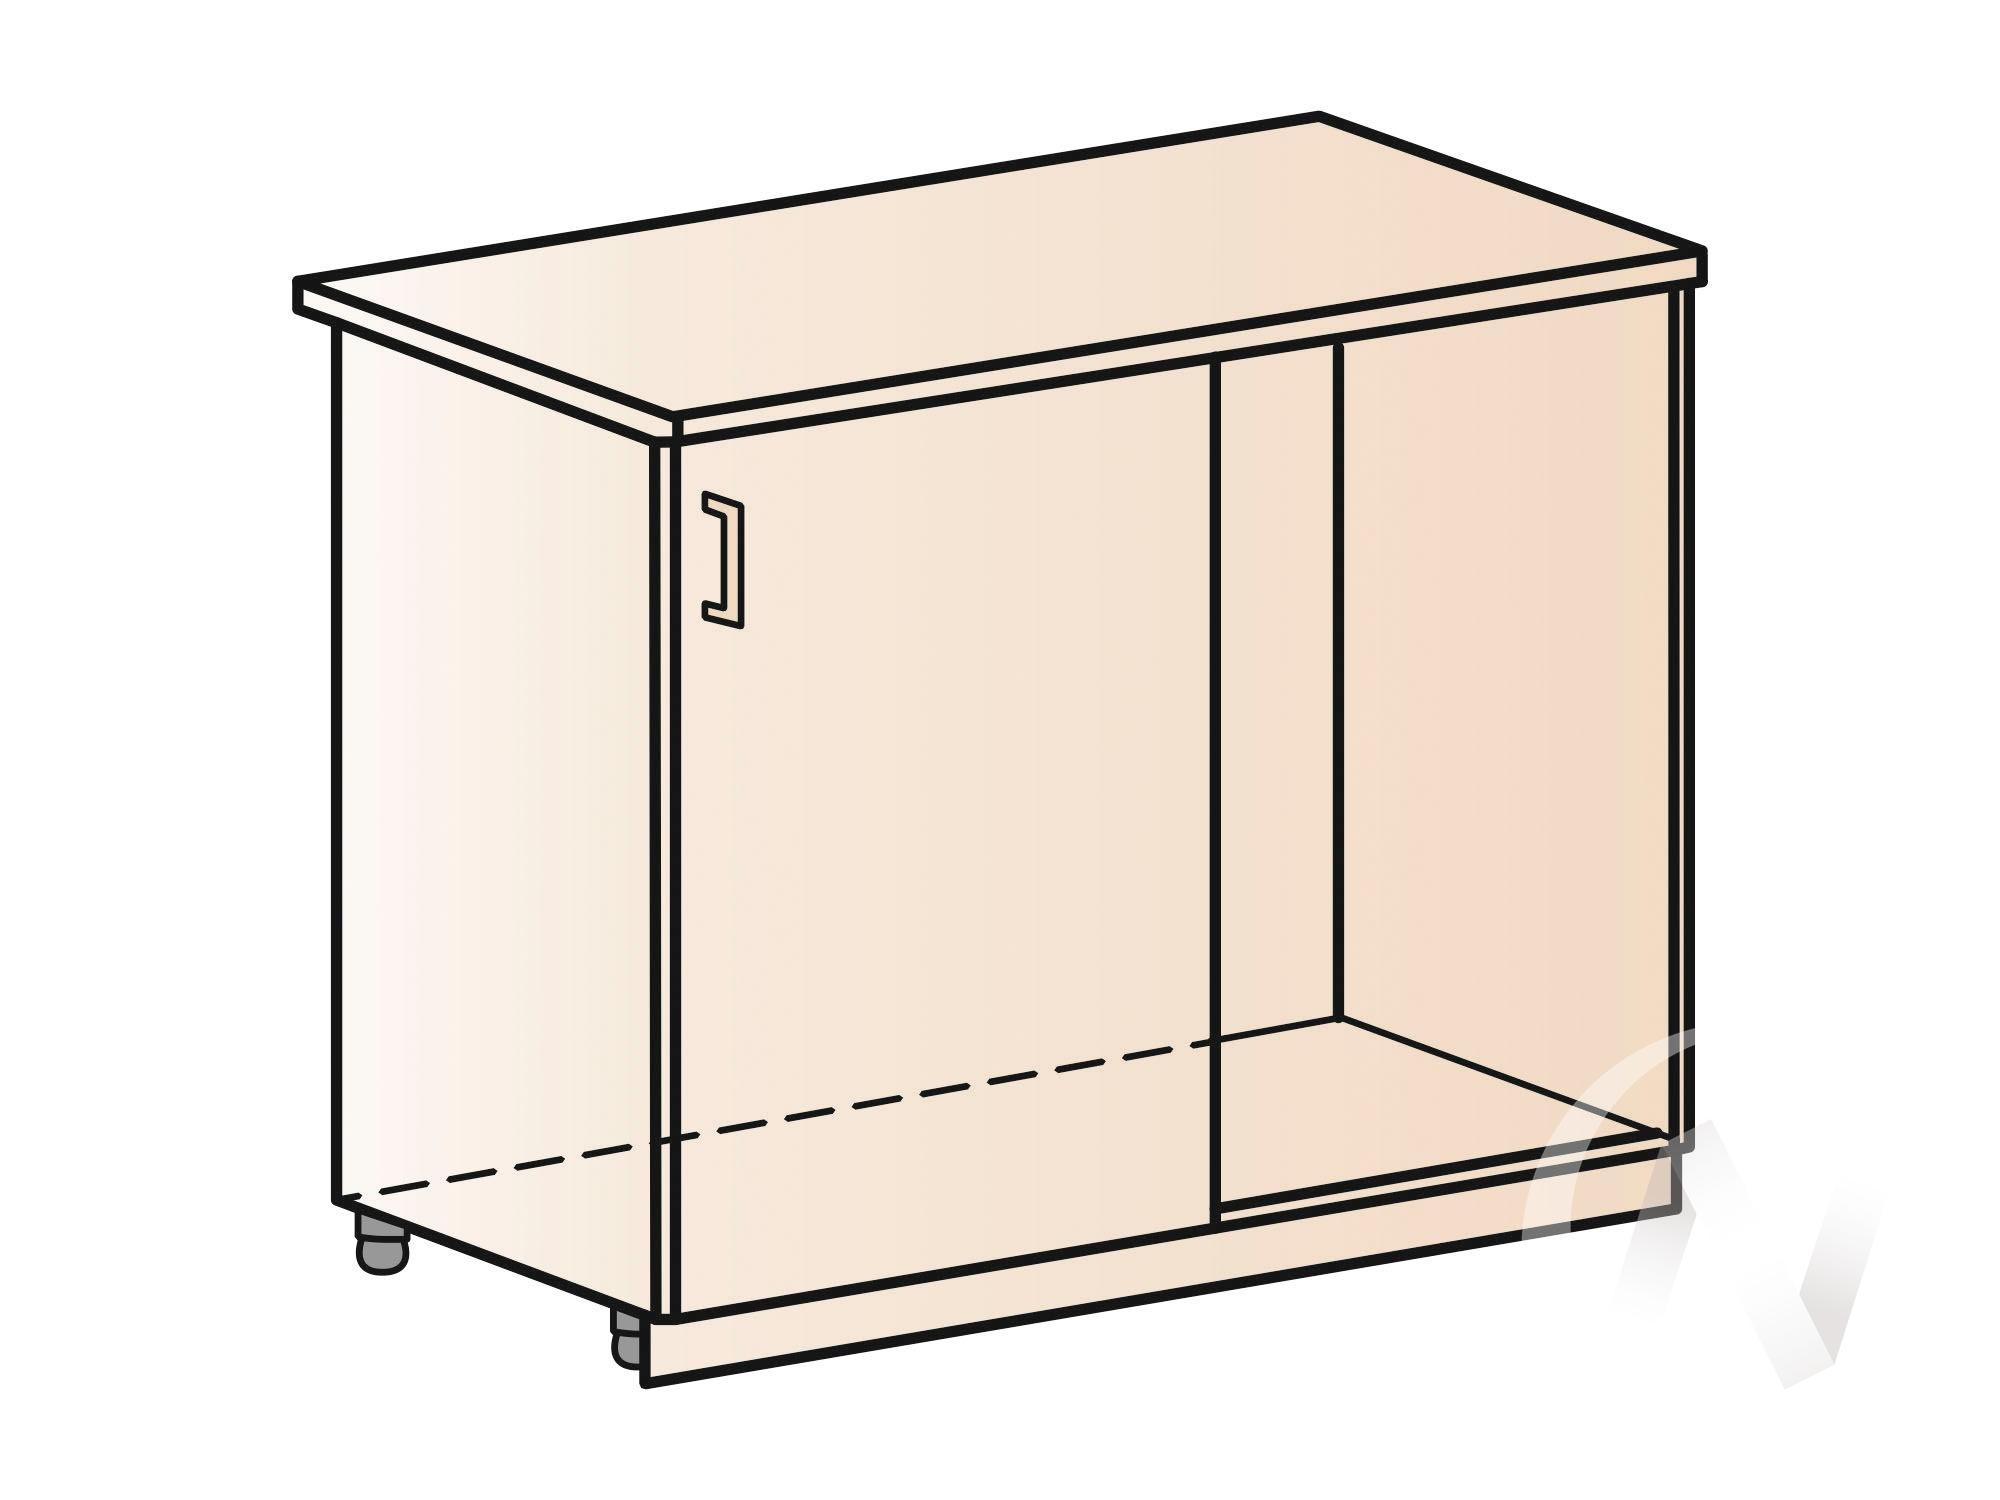 """Кухня """"Люкс"""": Шкаф нижний угловой 990, ШНУ 990 (Шелк венге/корпус белый) в Томске — авторская мебель Экостиль"""